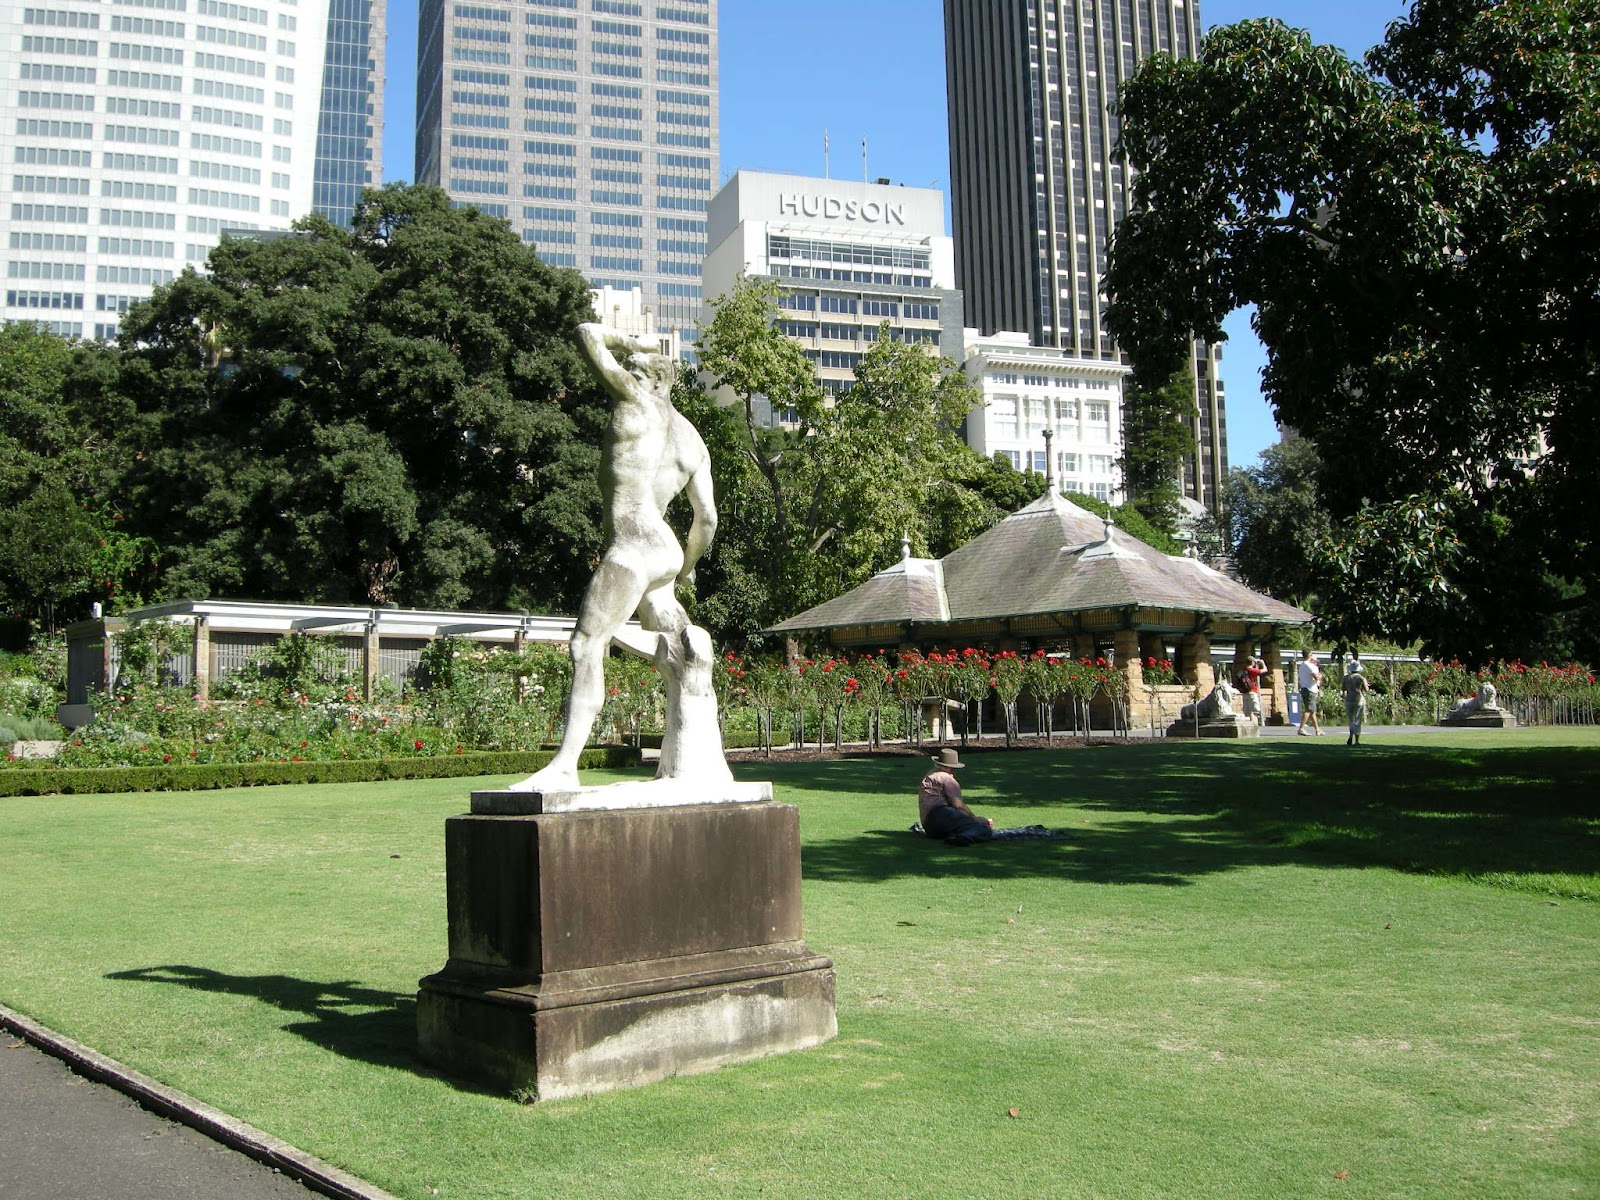 Places To Visit Sydney Sydney Australia Tourism Sydney Attraction